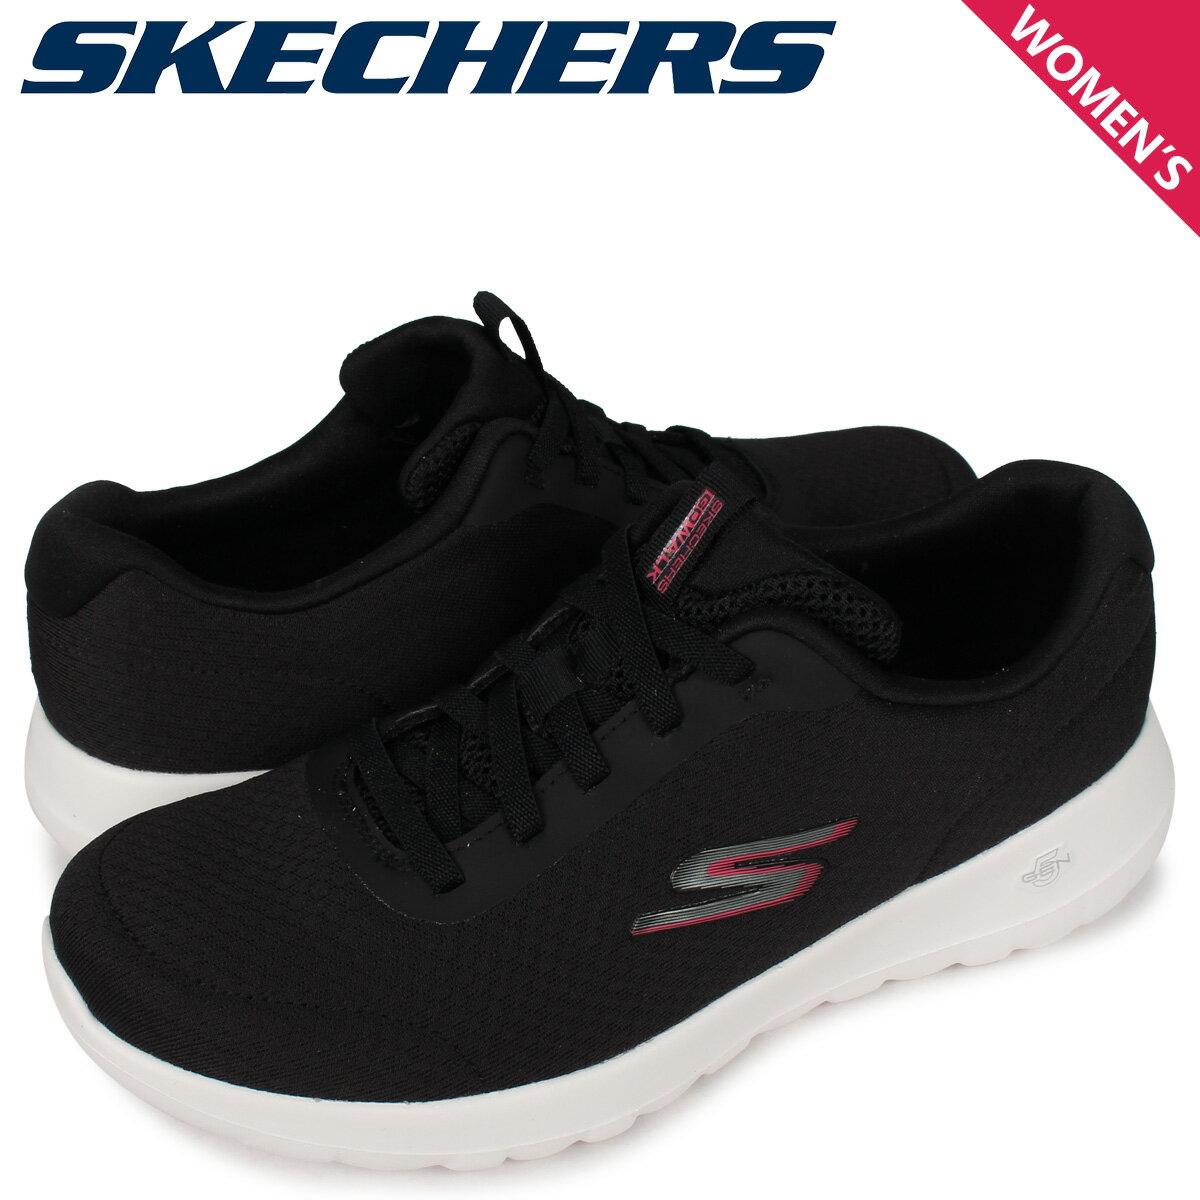 レディース靴, スニーカー 2000OFF SKECHERS GO WALK JOY ECSTATIC 124094 915